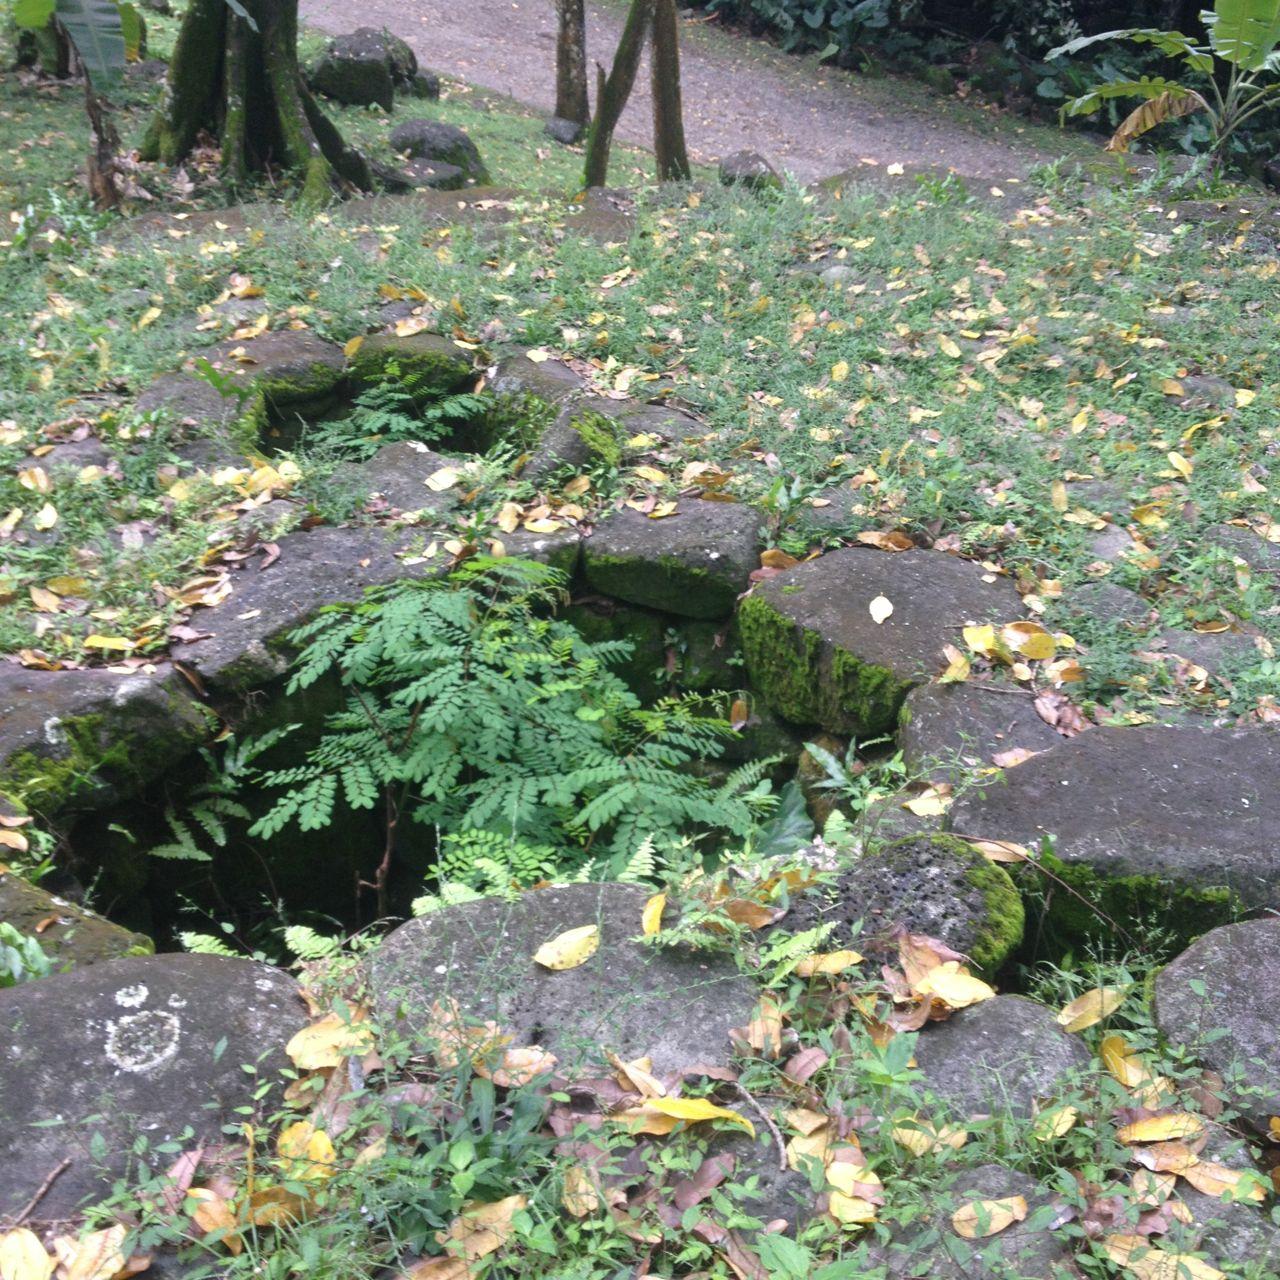 Grosse Löcher im Boden dienten dazu die zu verspeisenden zu lagern.